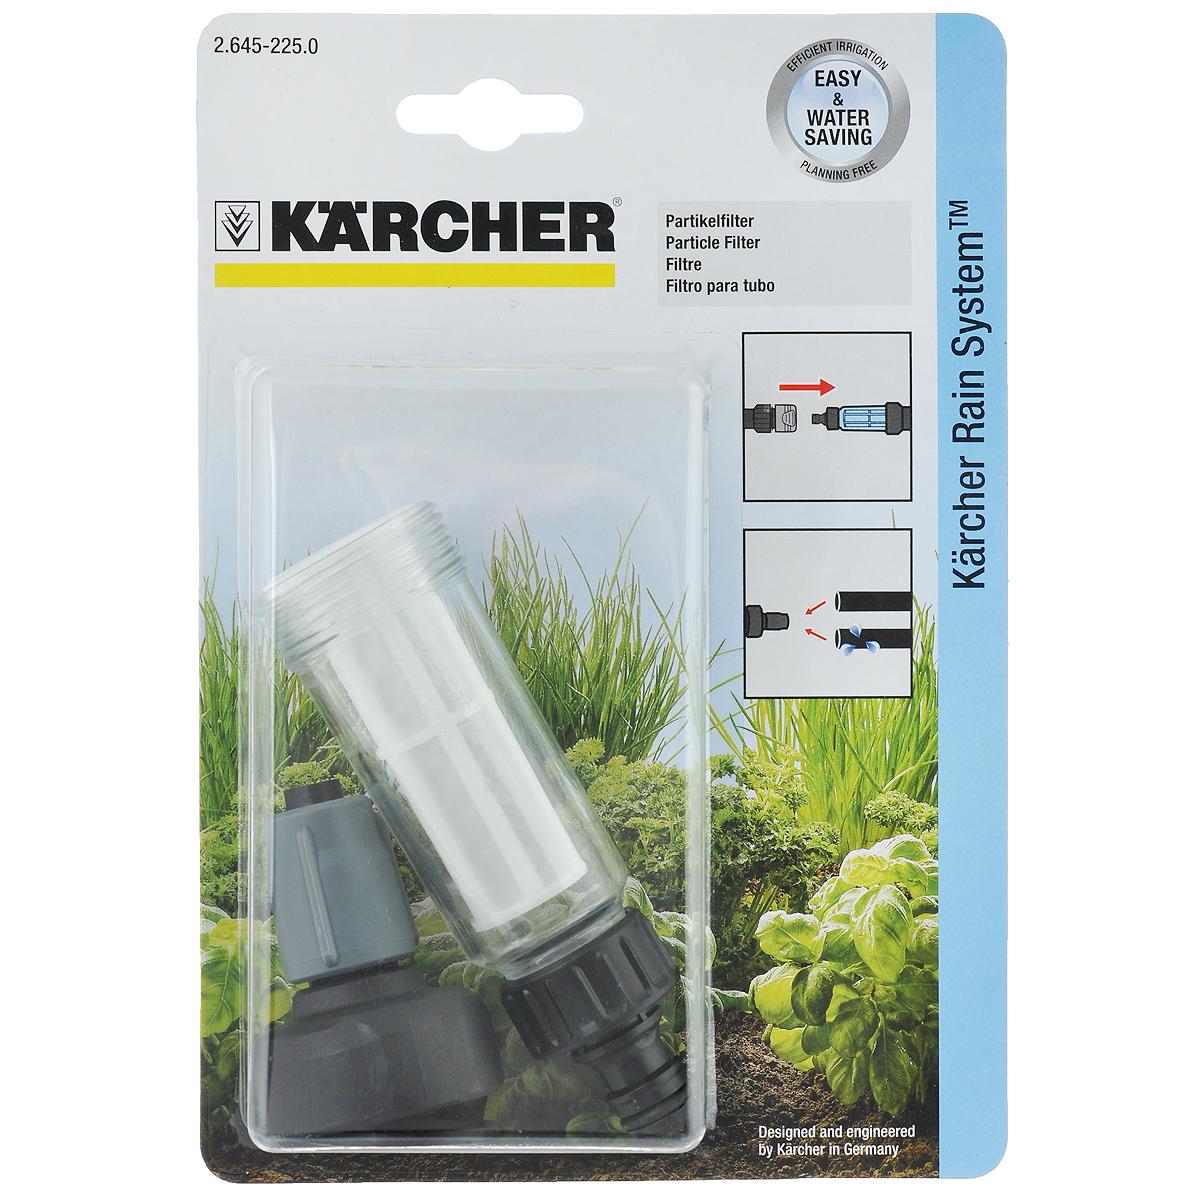 Фильтр системы орошения Karcher 2.645-225.02.645-054.0Водный фильтр предназначен для защиты системы орошения Karcher Rain System от частиц грязи. Имеется возможность присоединения к шлангам системы орошения Karcher.